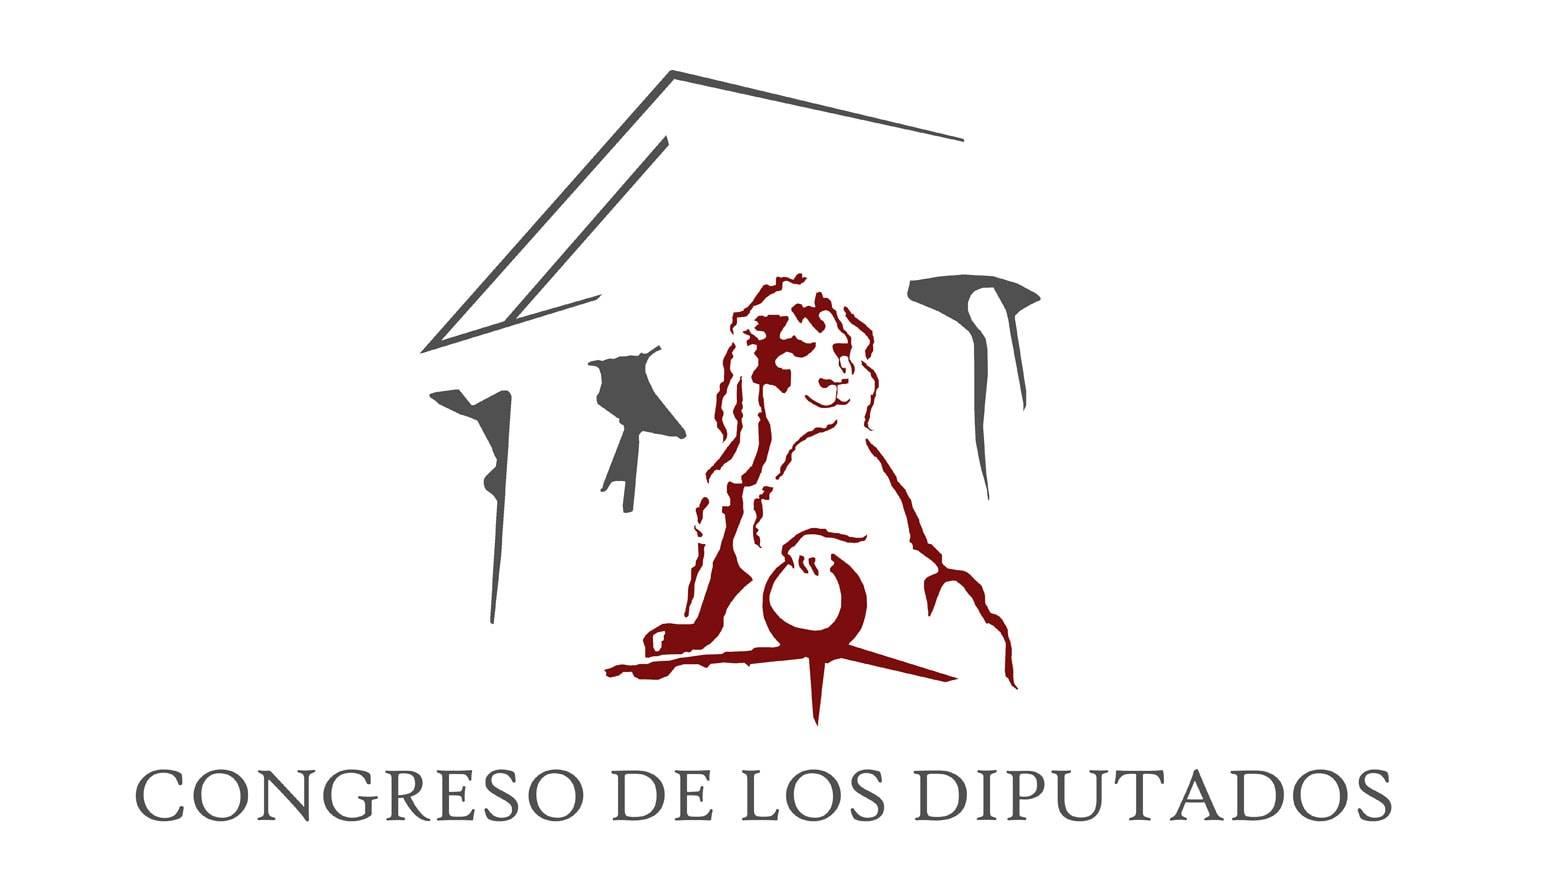 logo de congreso de los diputados